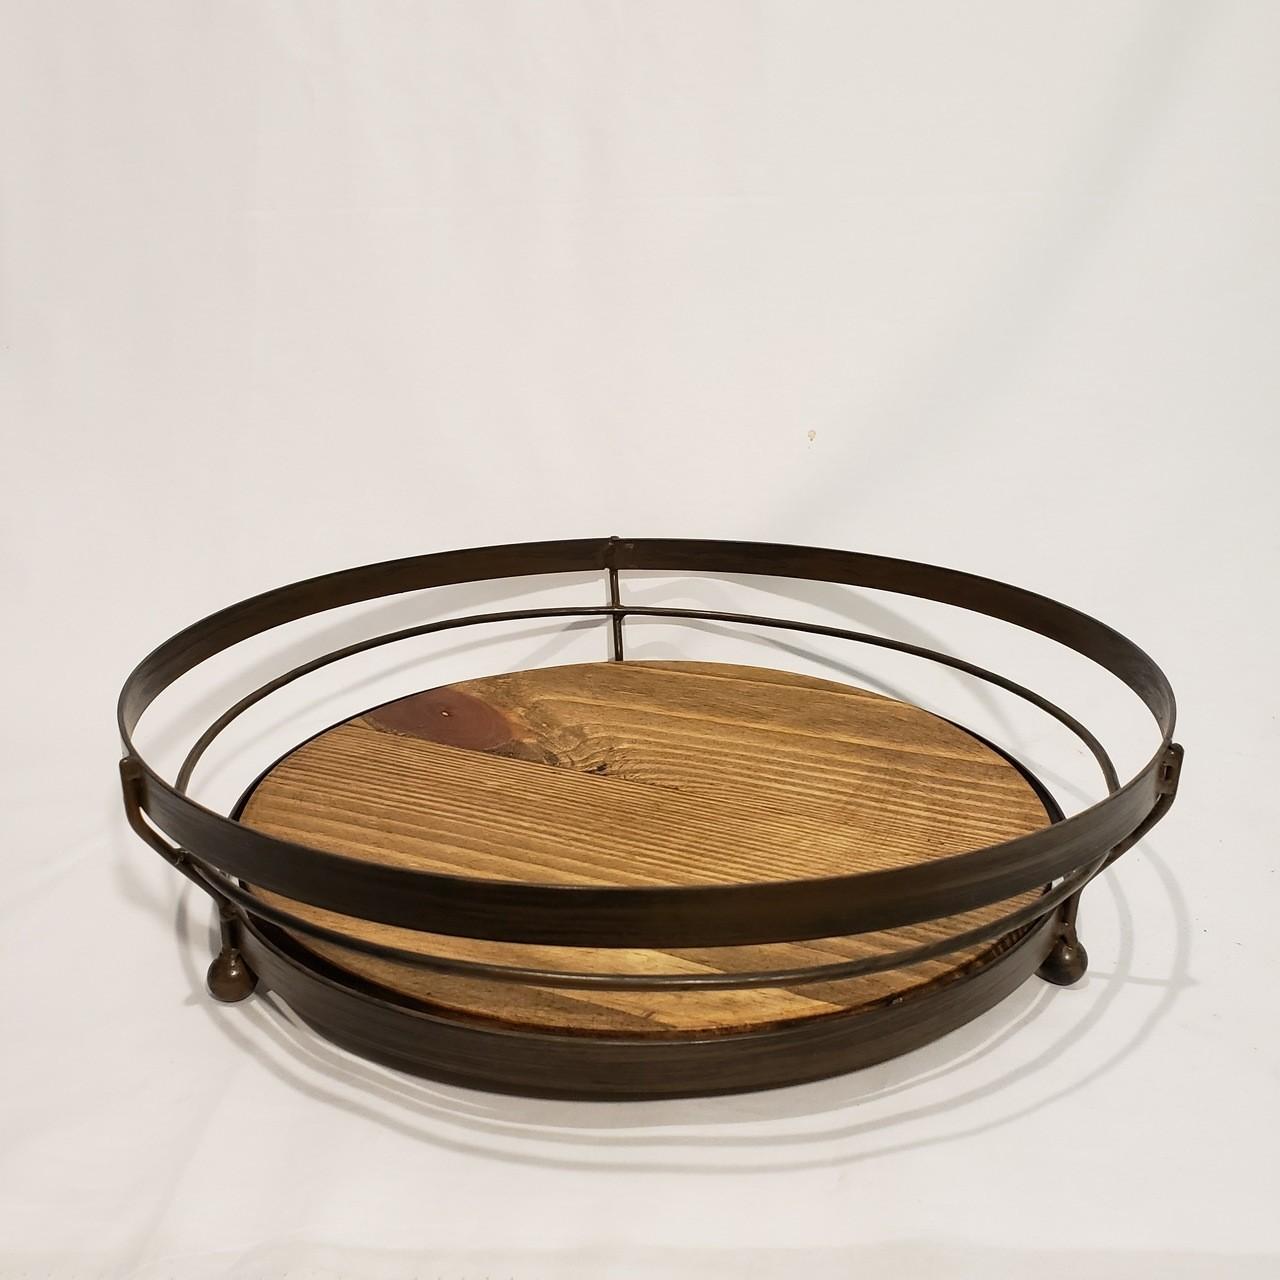 Centro de mesa madeira e metal